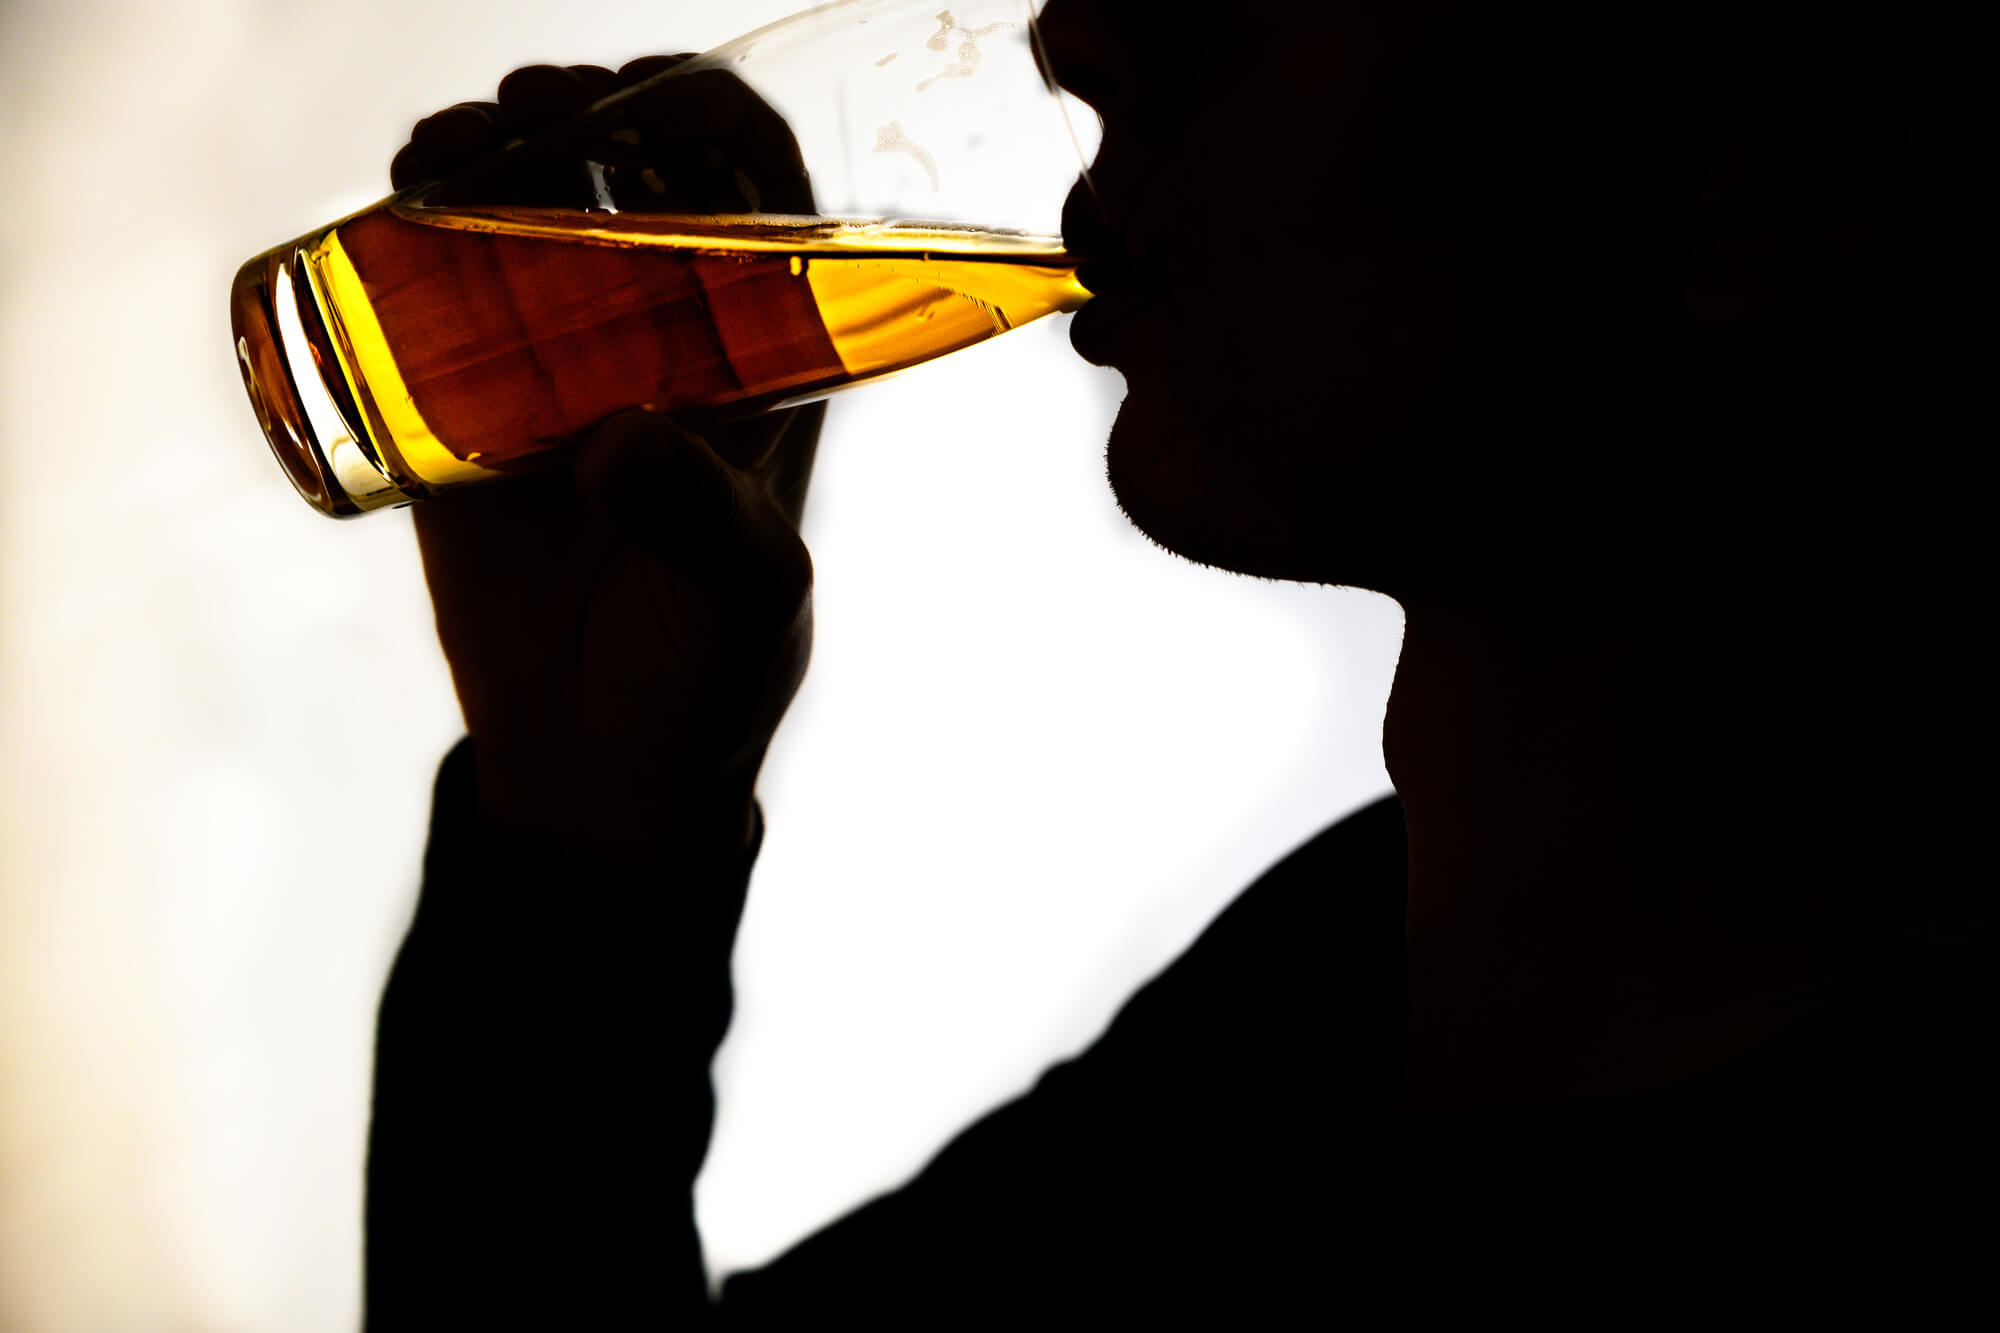 「飲めないホスト」って、ぶっちゃけアリ?――未成年も下戸ホストも大集合!